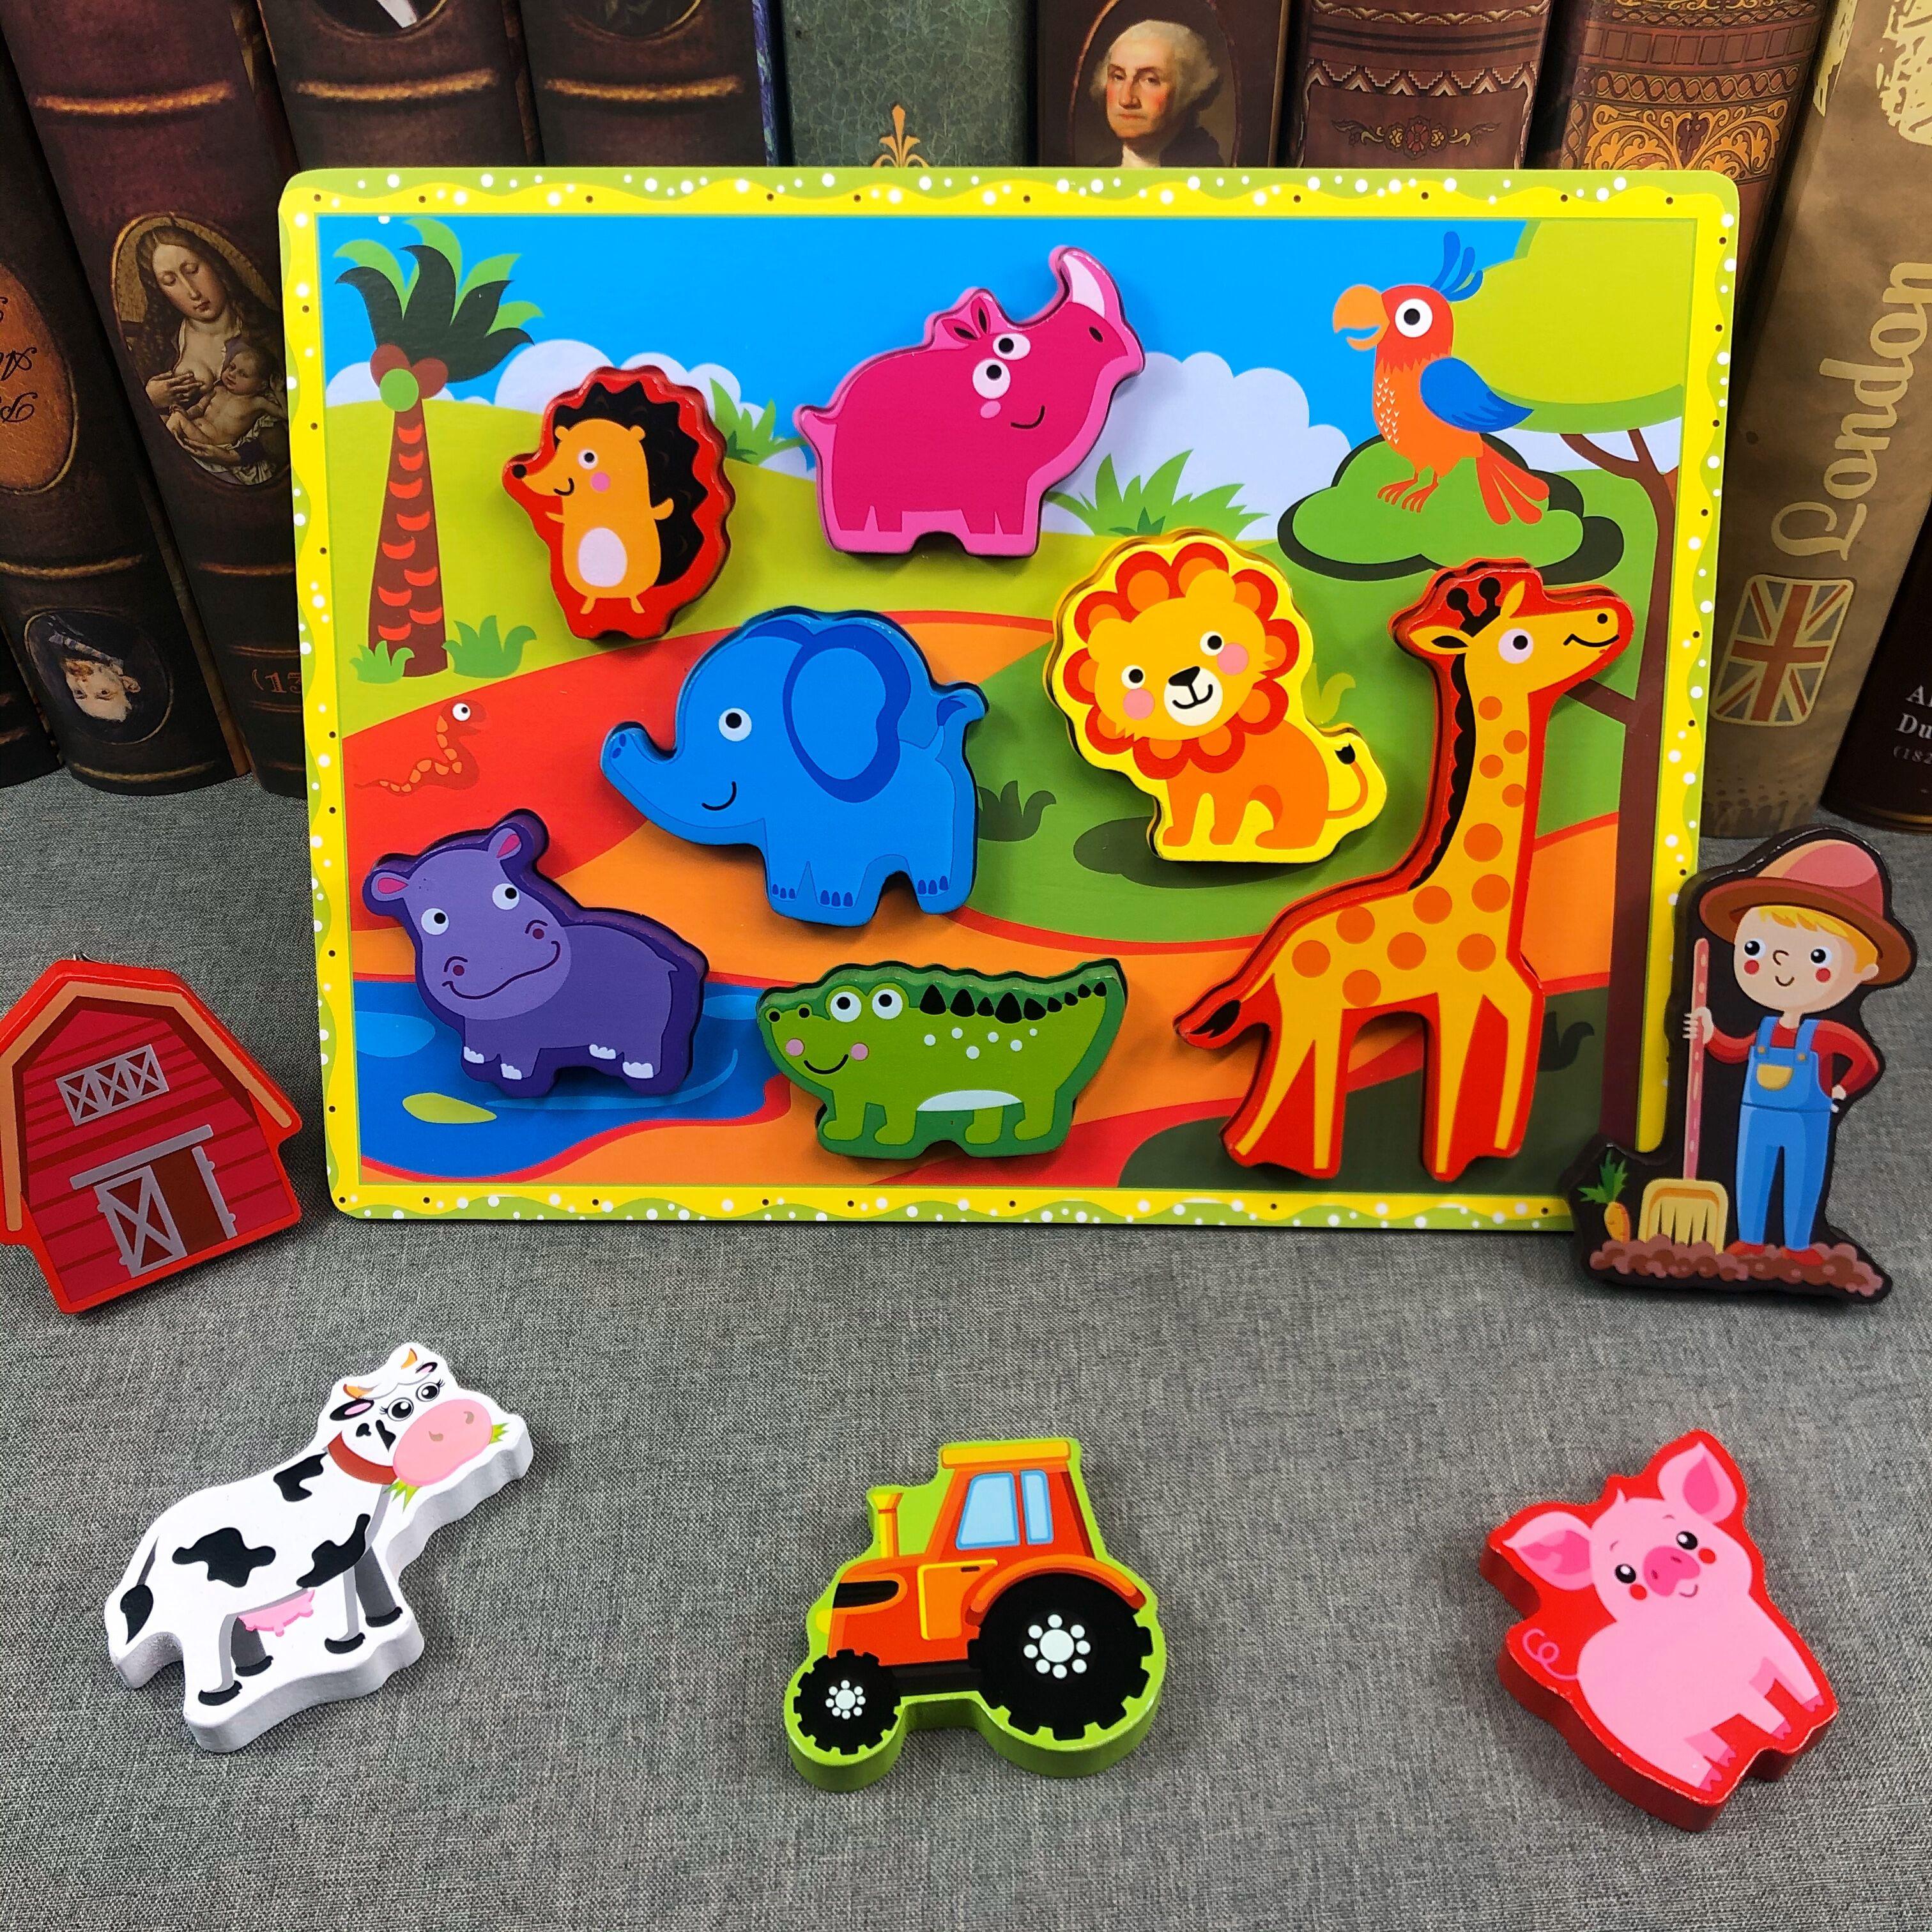 婴幼儿童手抓板立体拼图玩具男女孩子宝宝动物认知早教益智力拼板